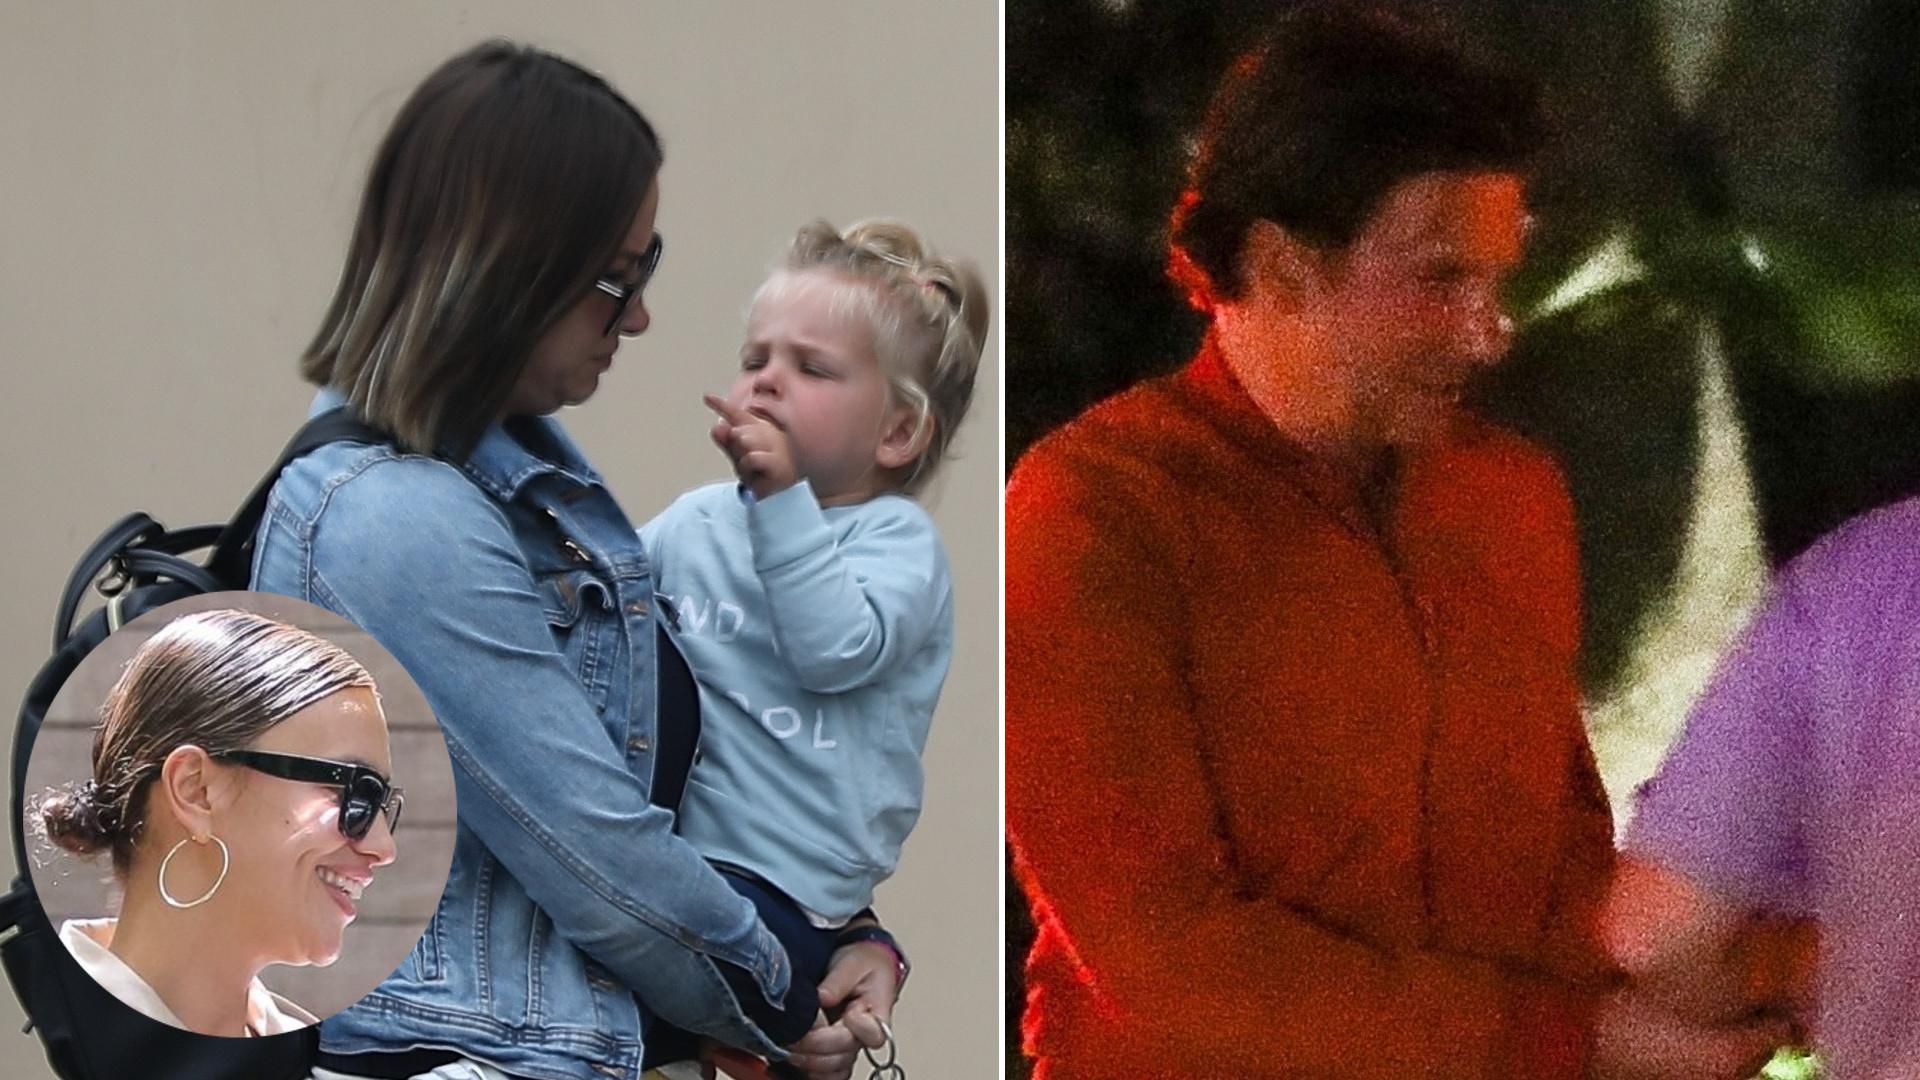 Bradley Cooper zostawił dziecko z nianią i pojechał imprezować na miasto (ZDJĘCIA)